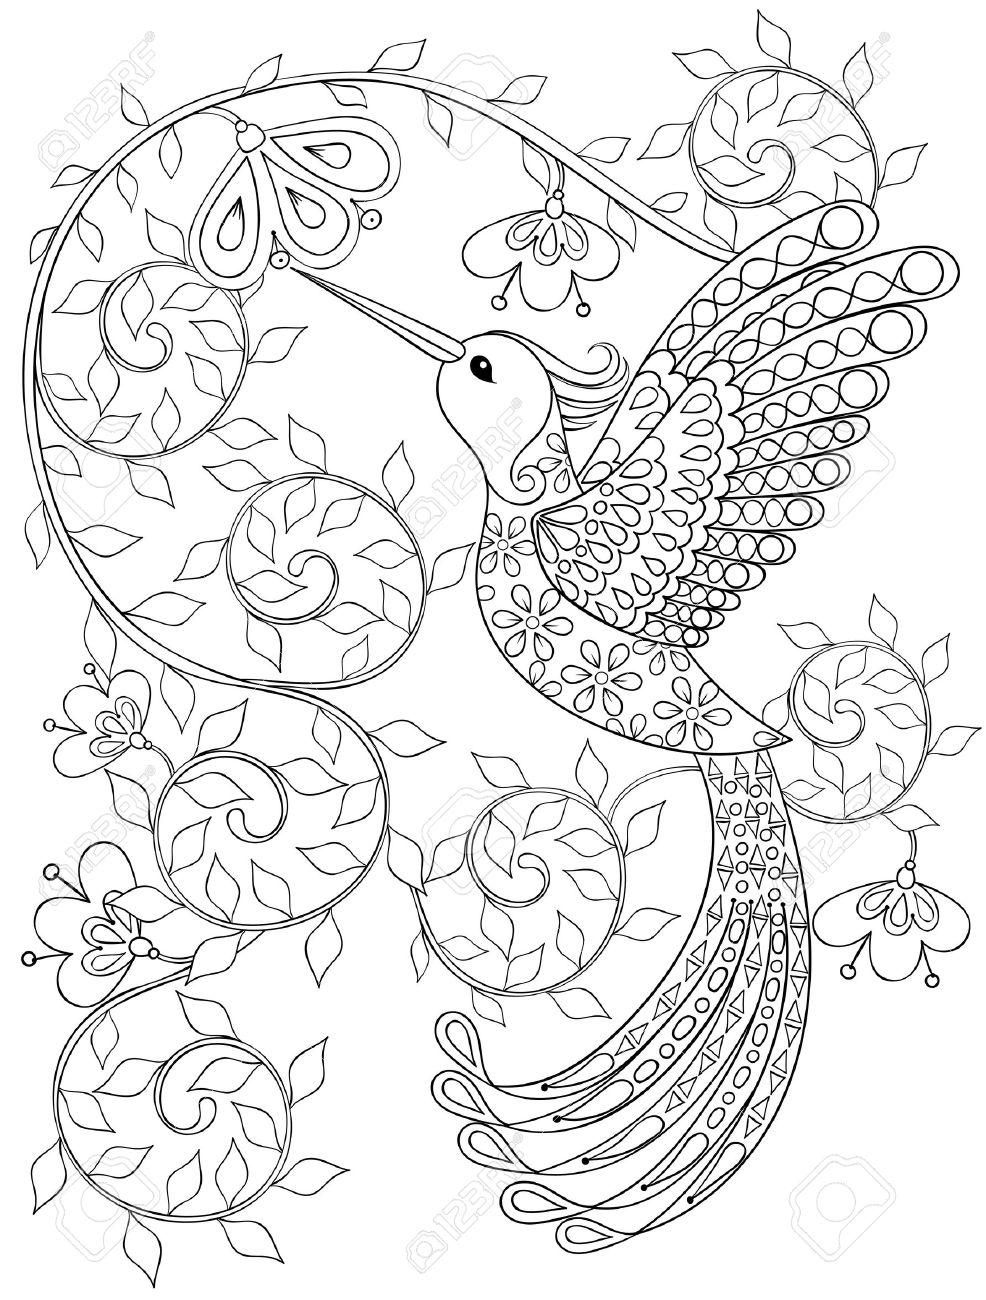 Dibujo Para Colorear Con Hummingbird, Zentangle Pájaro Que Vuela Por ...